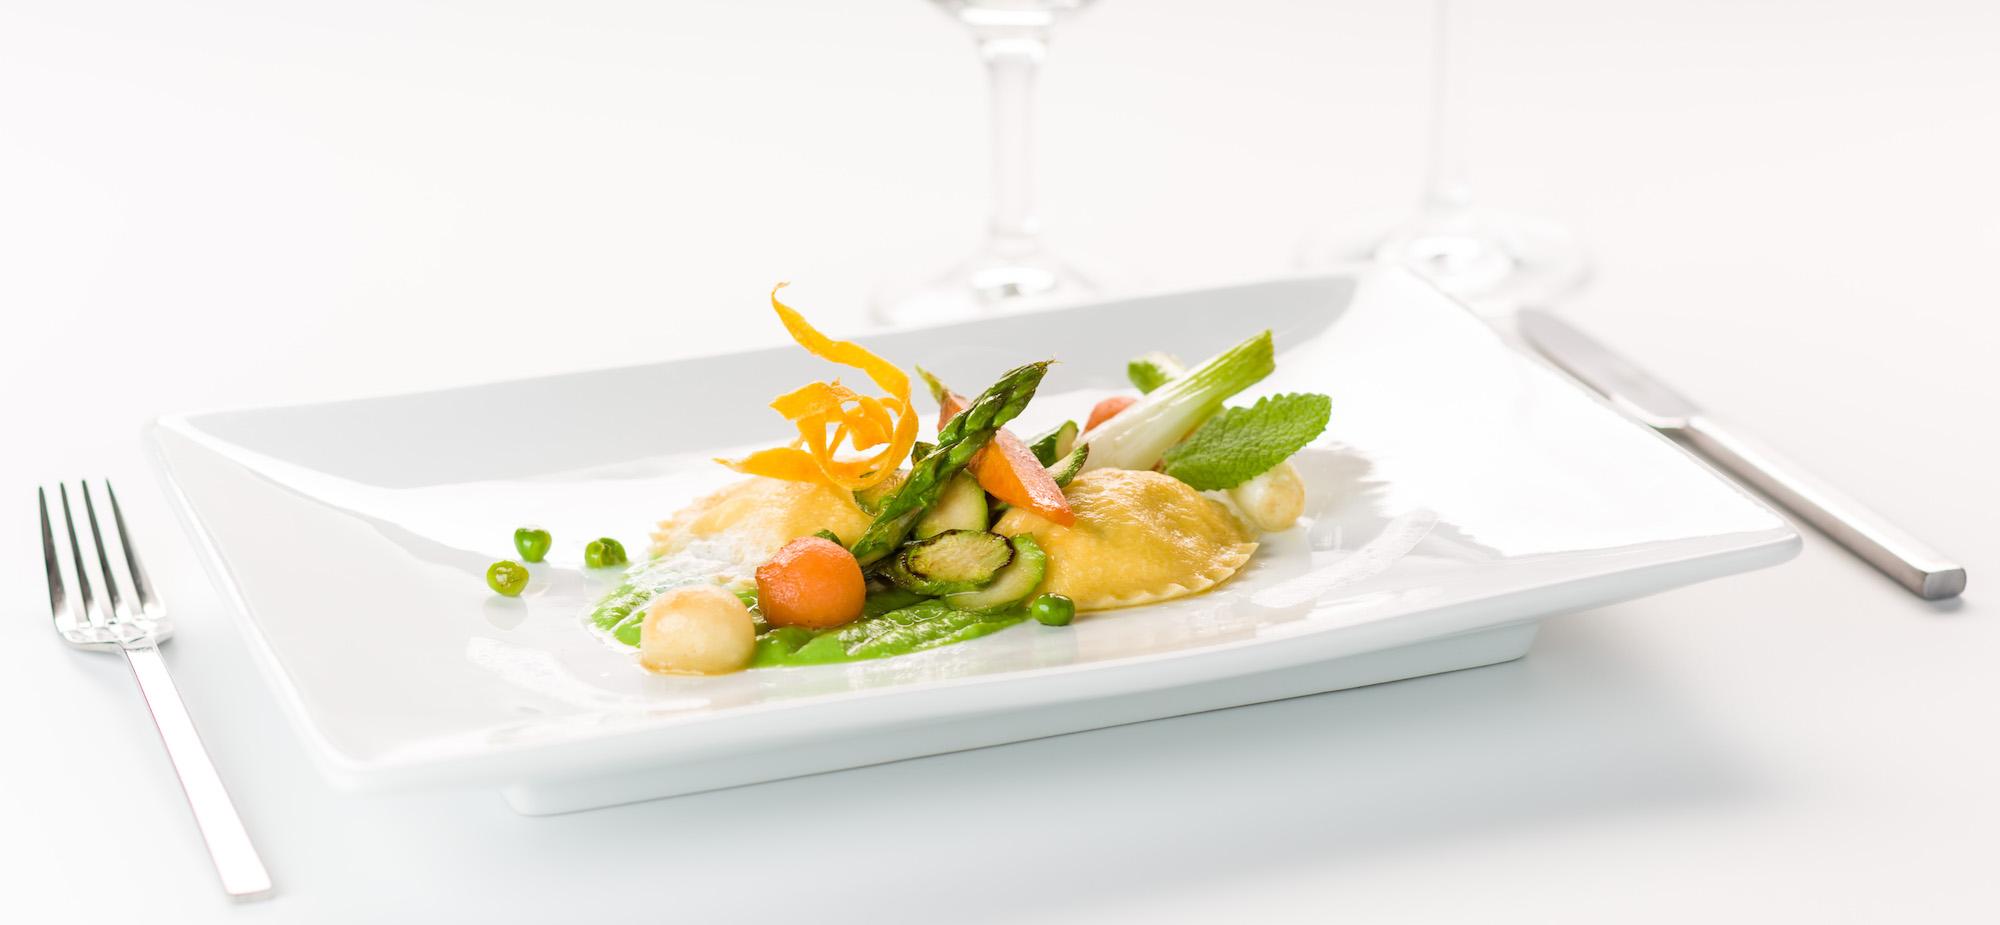 Das Essperiment | Bistro & Restaurant | Slider 2